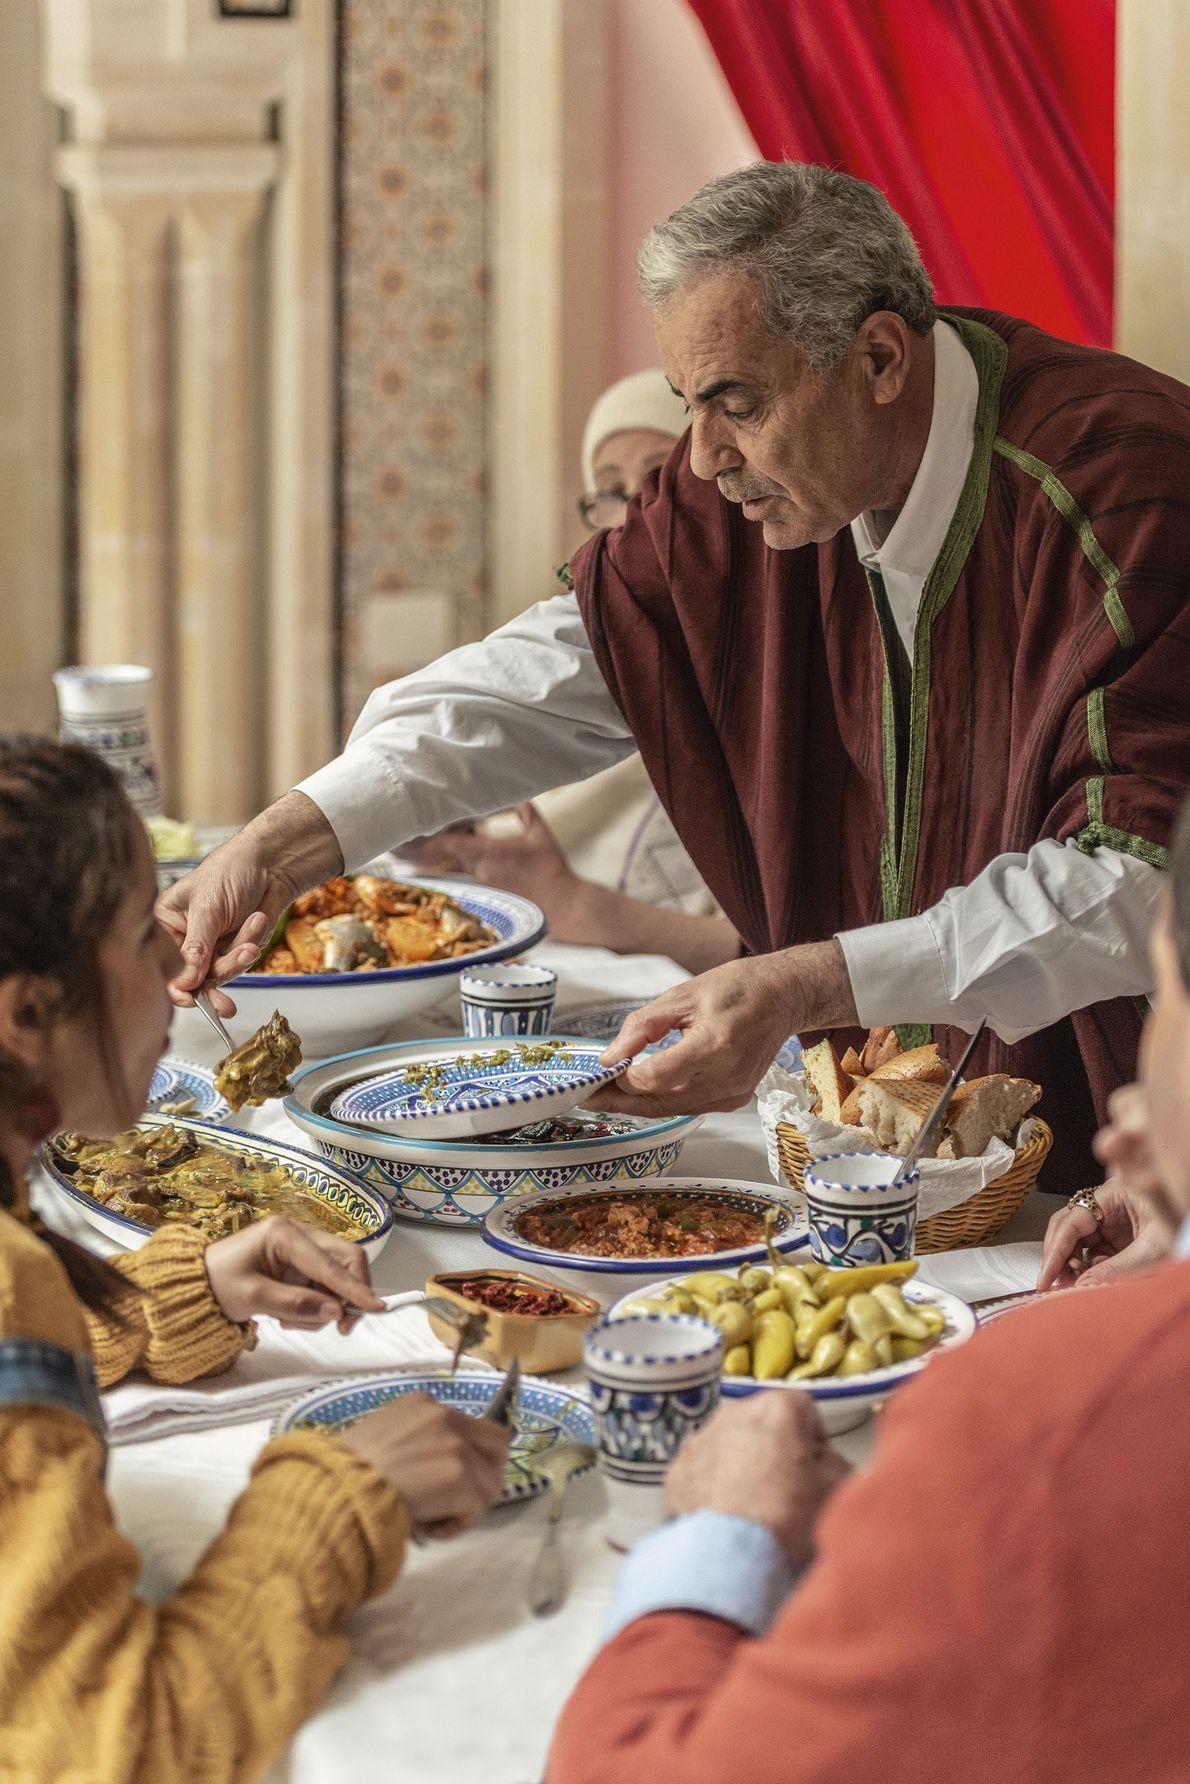 Salah loads his plate.